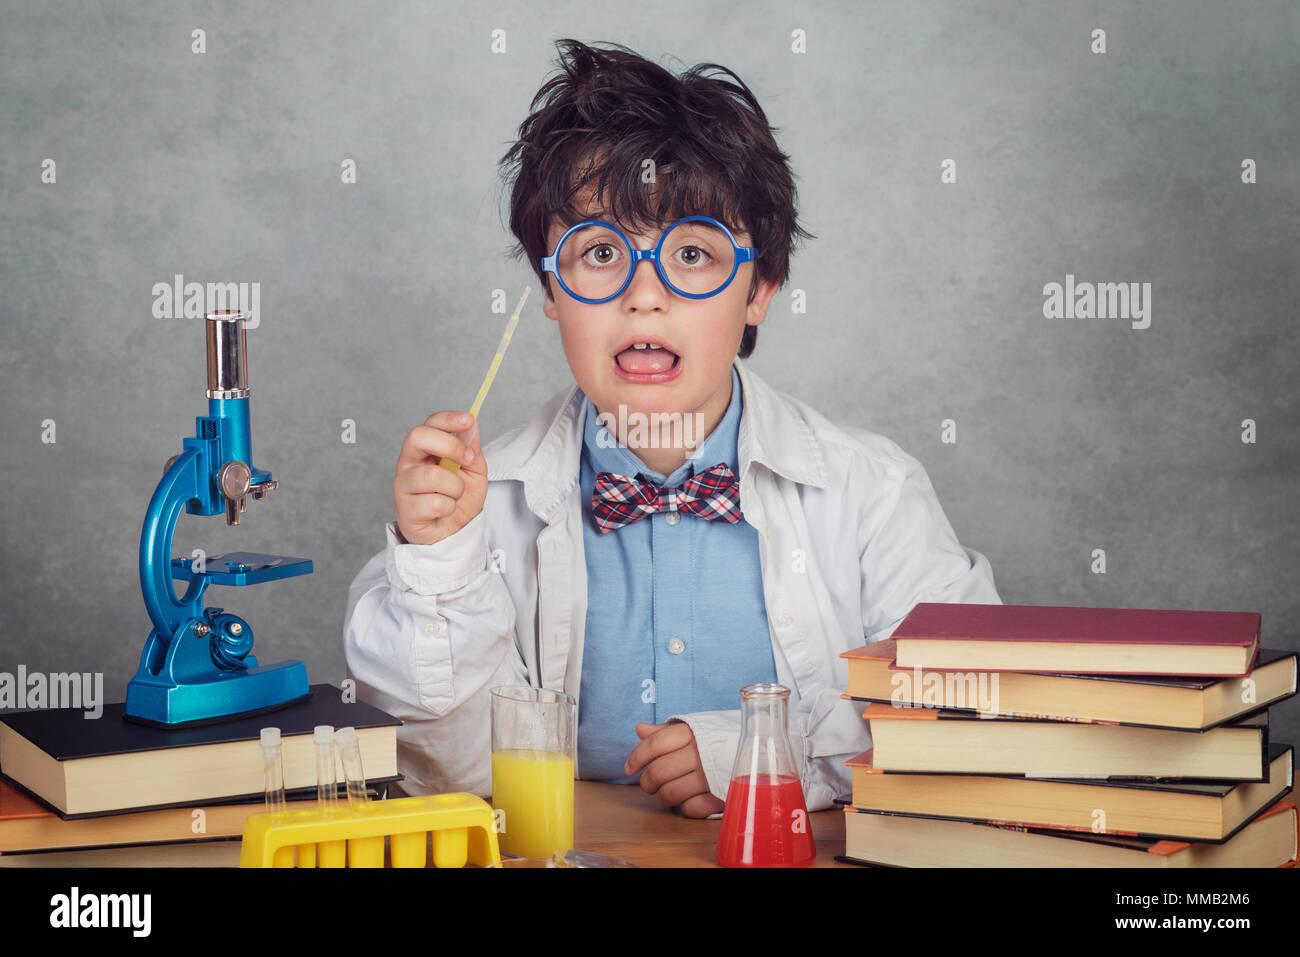 Ragazzo è di rendere la scienza esperimenti in laboratorio su sfondo grigio Immagini Stock